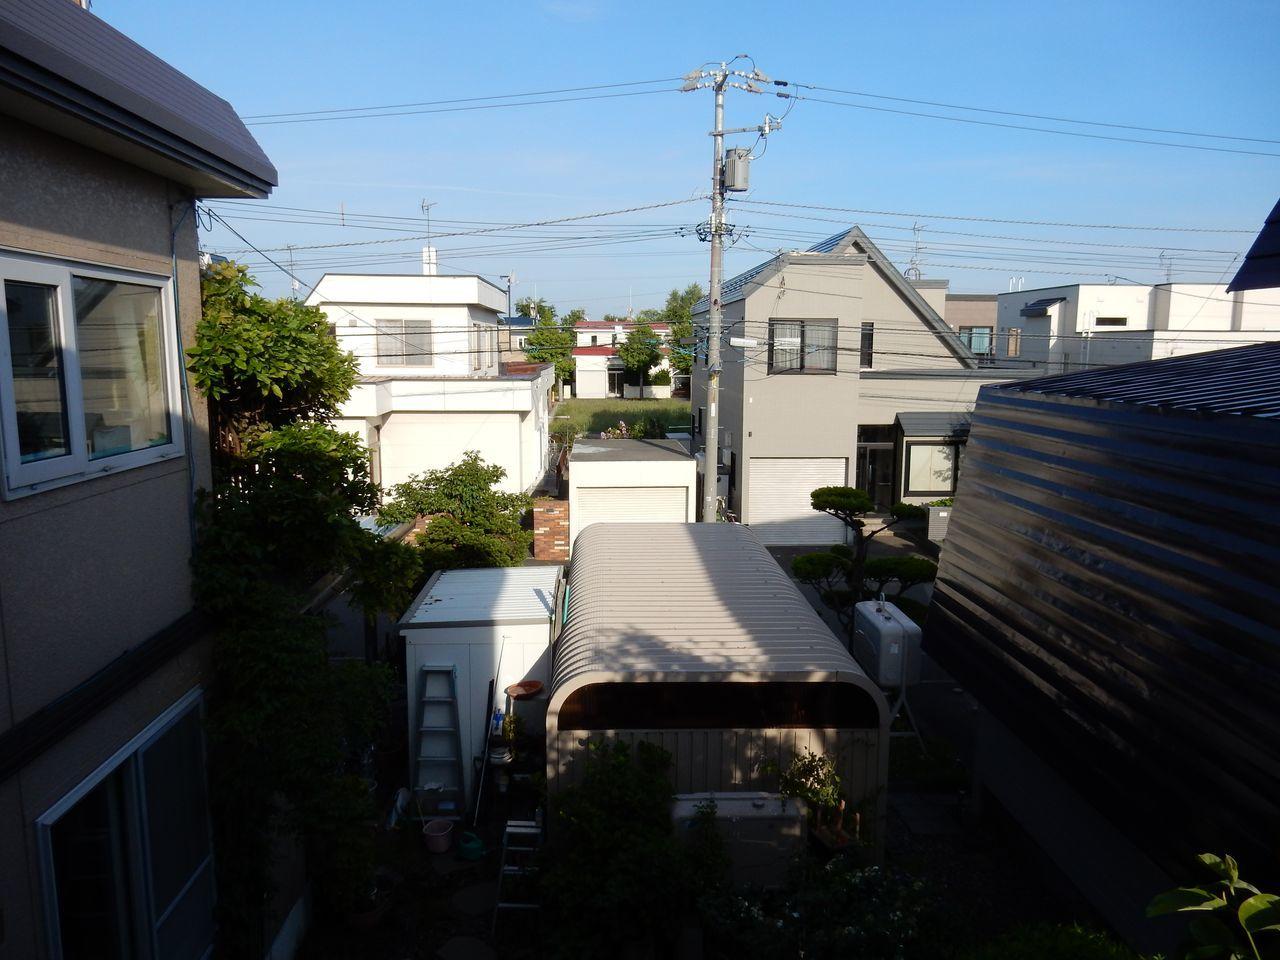 晴れても20℃に届かない札幌_c0025115_22281091.jpg